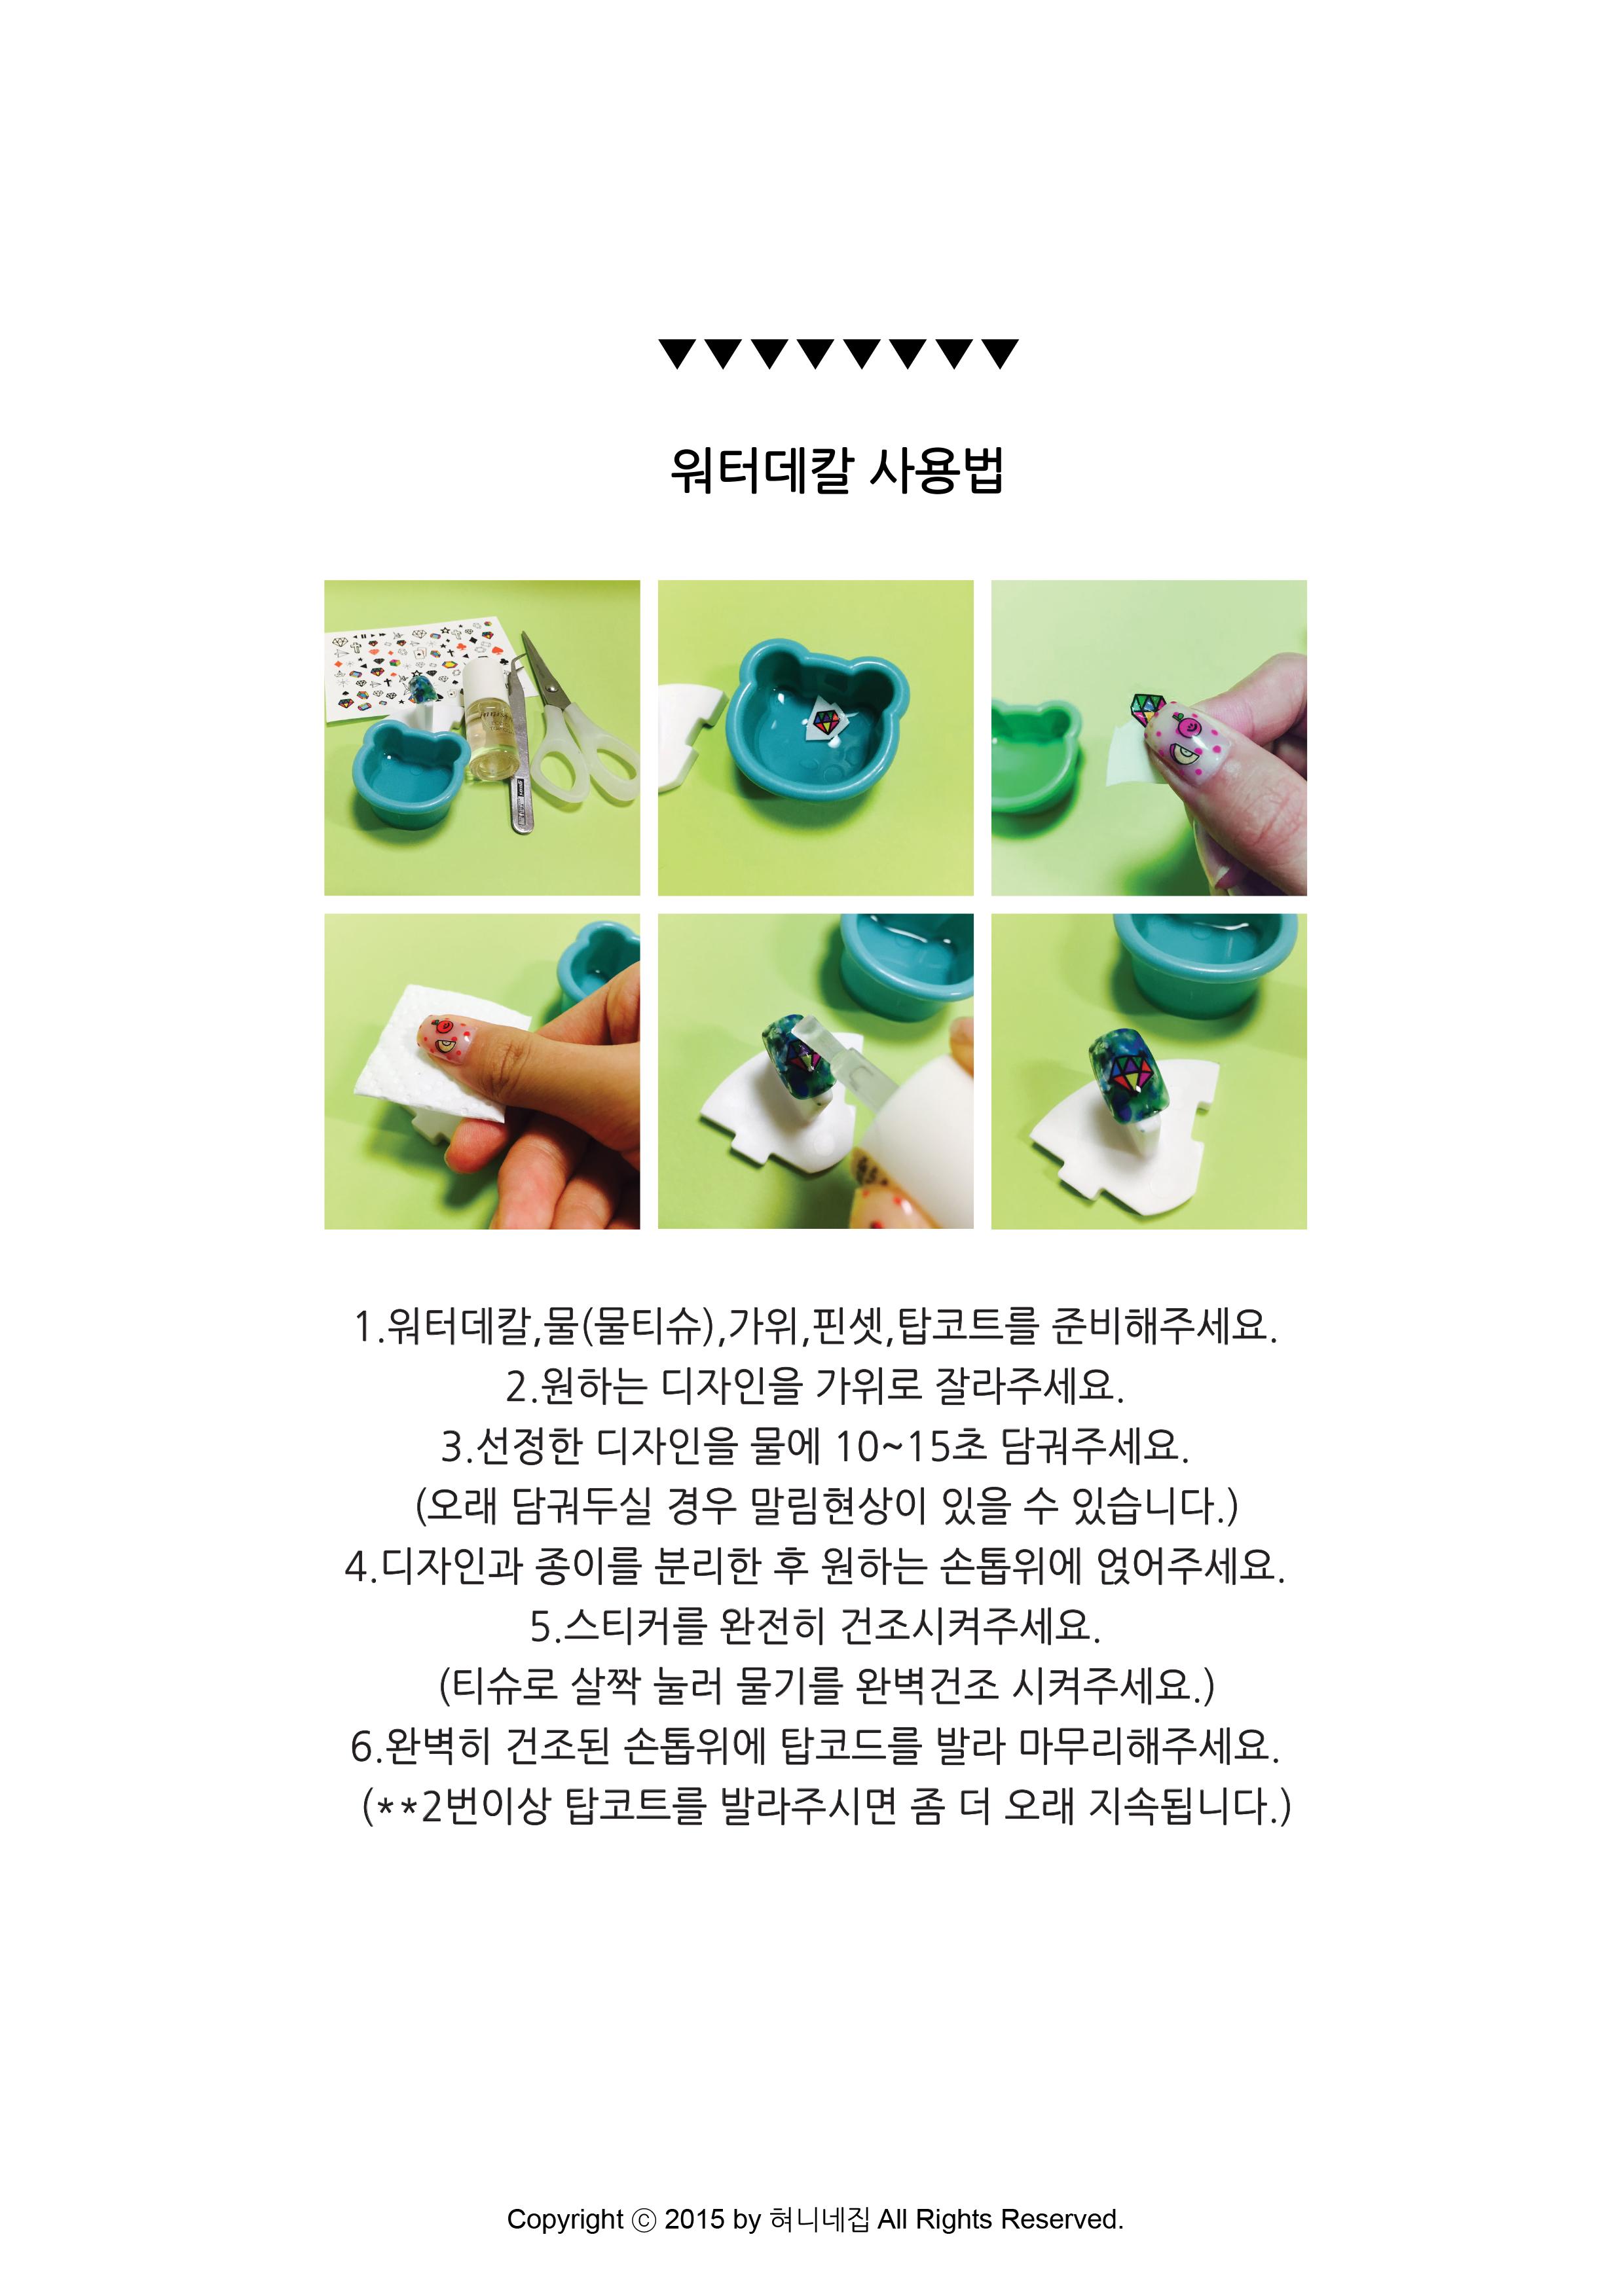 귀요미 워터데칼 - 혀니네문방구, 4,000원, 네일, 네일스티커/파츠